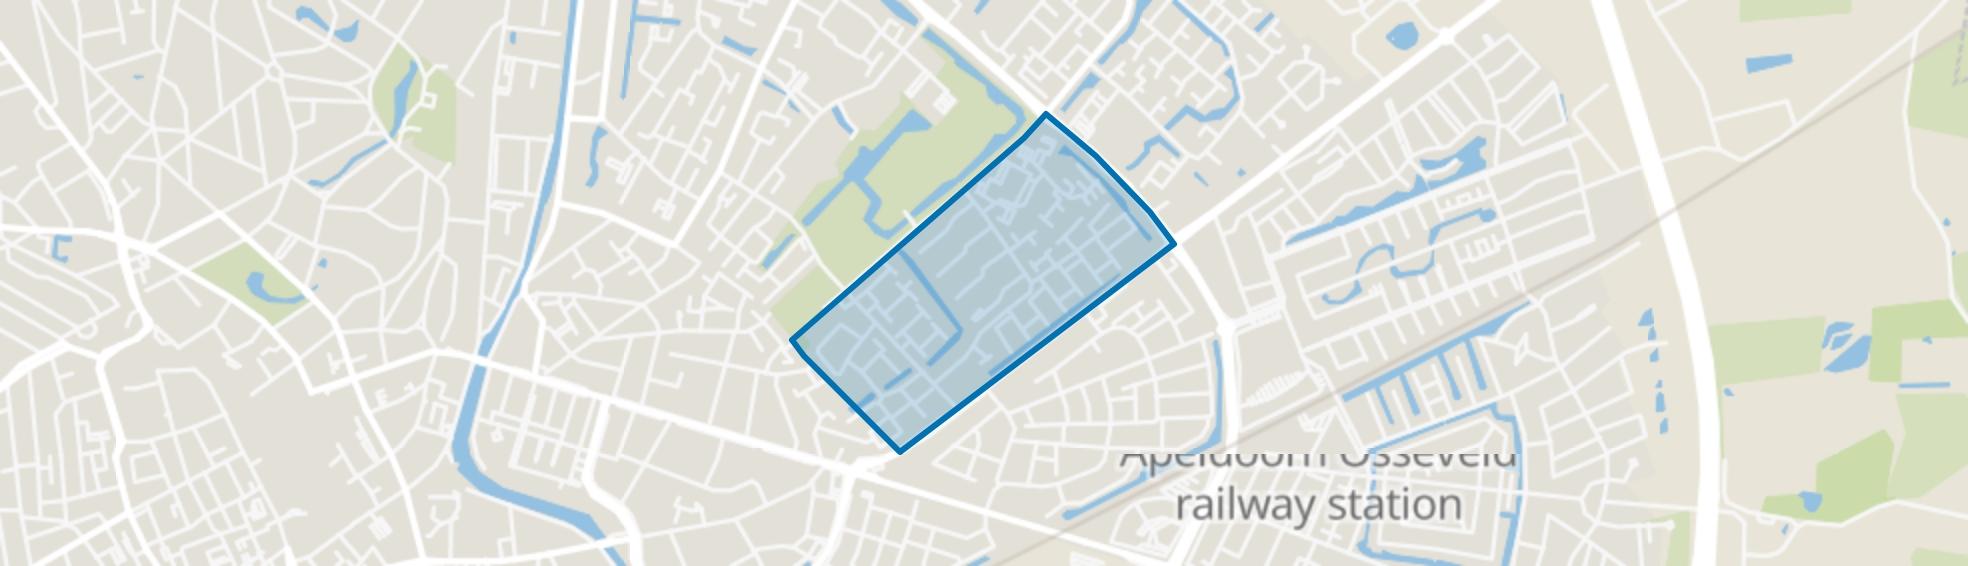 De Mheen, Apeldoorn map